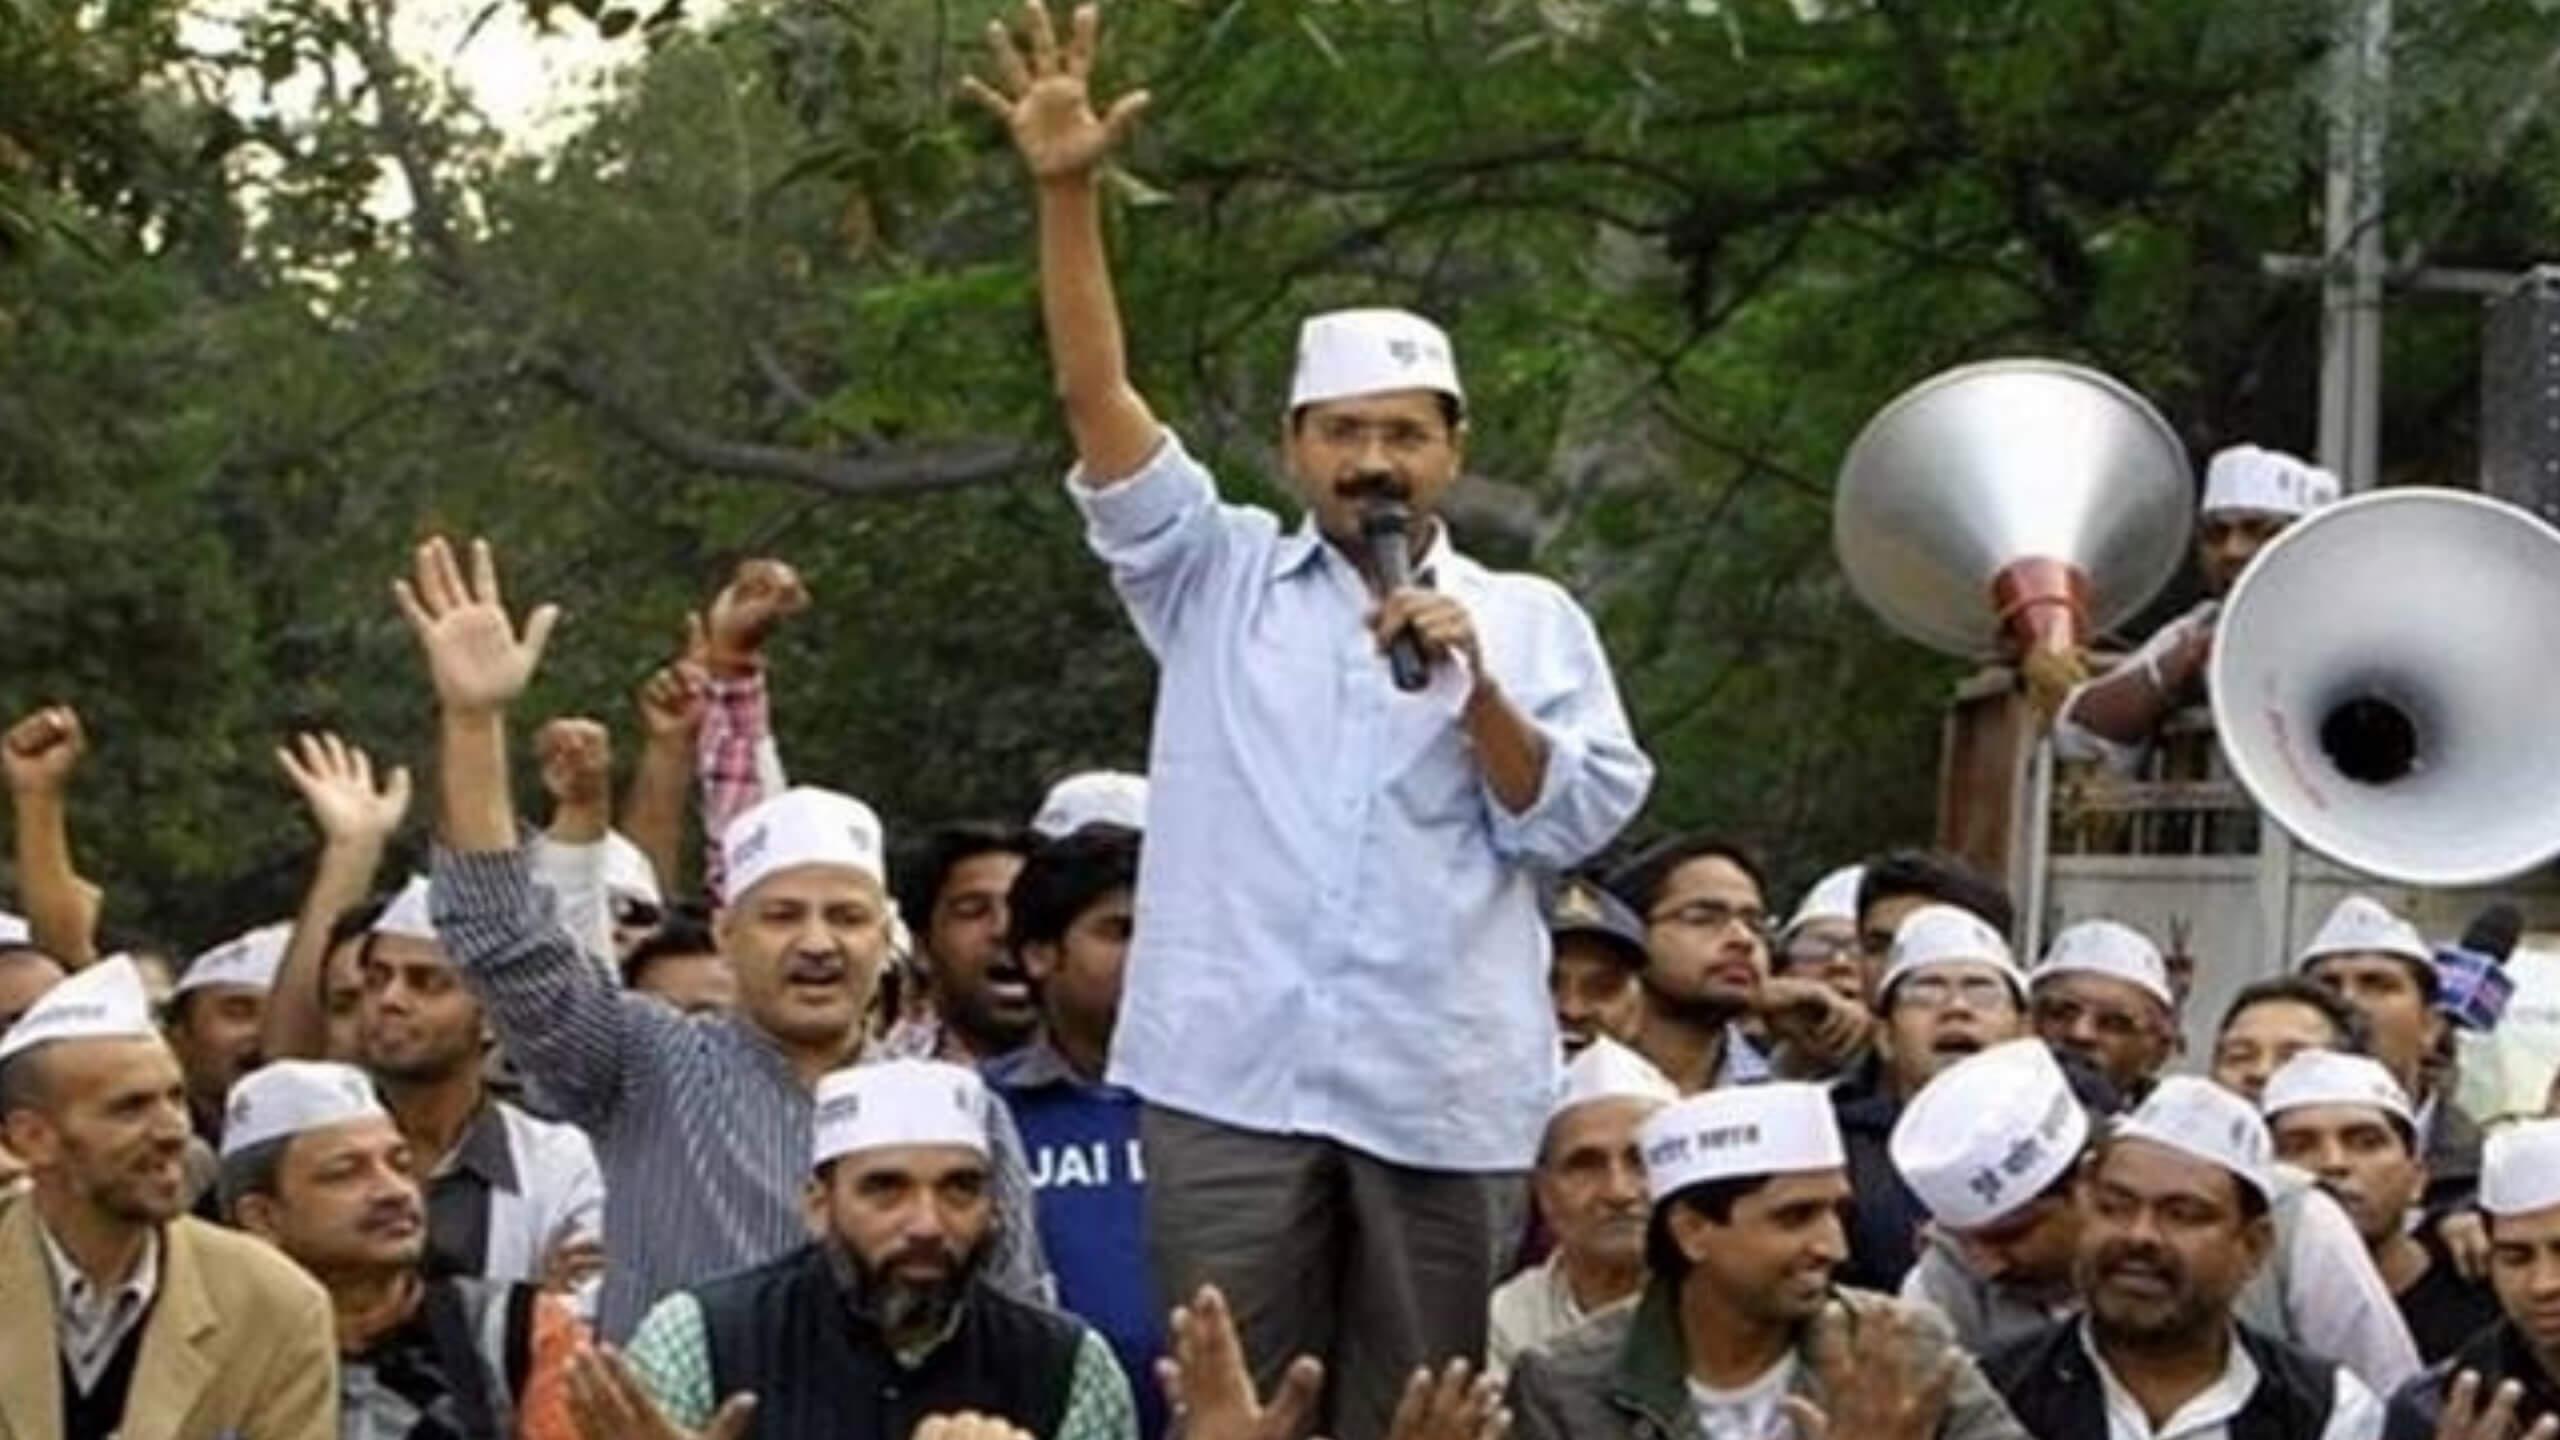 Day 3: Delhi CM Strike Continues